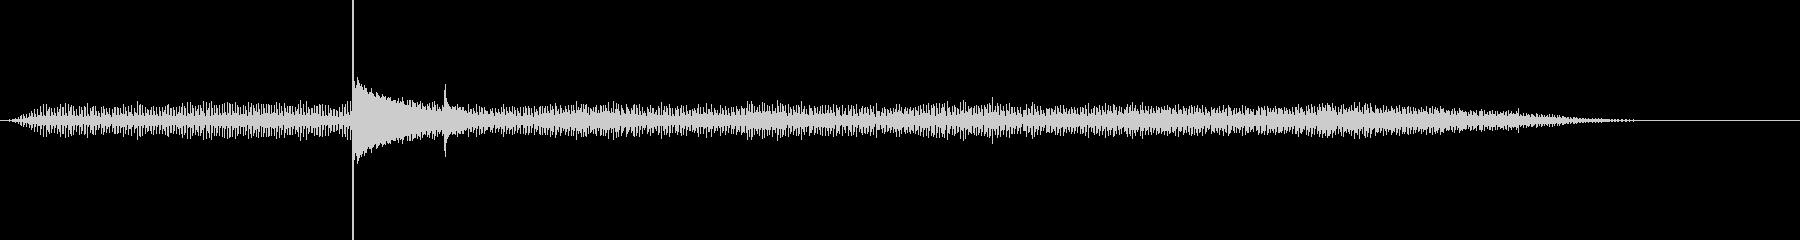 ジリジリ…チン!オーブントースターの音の未再生の波形